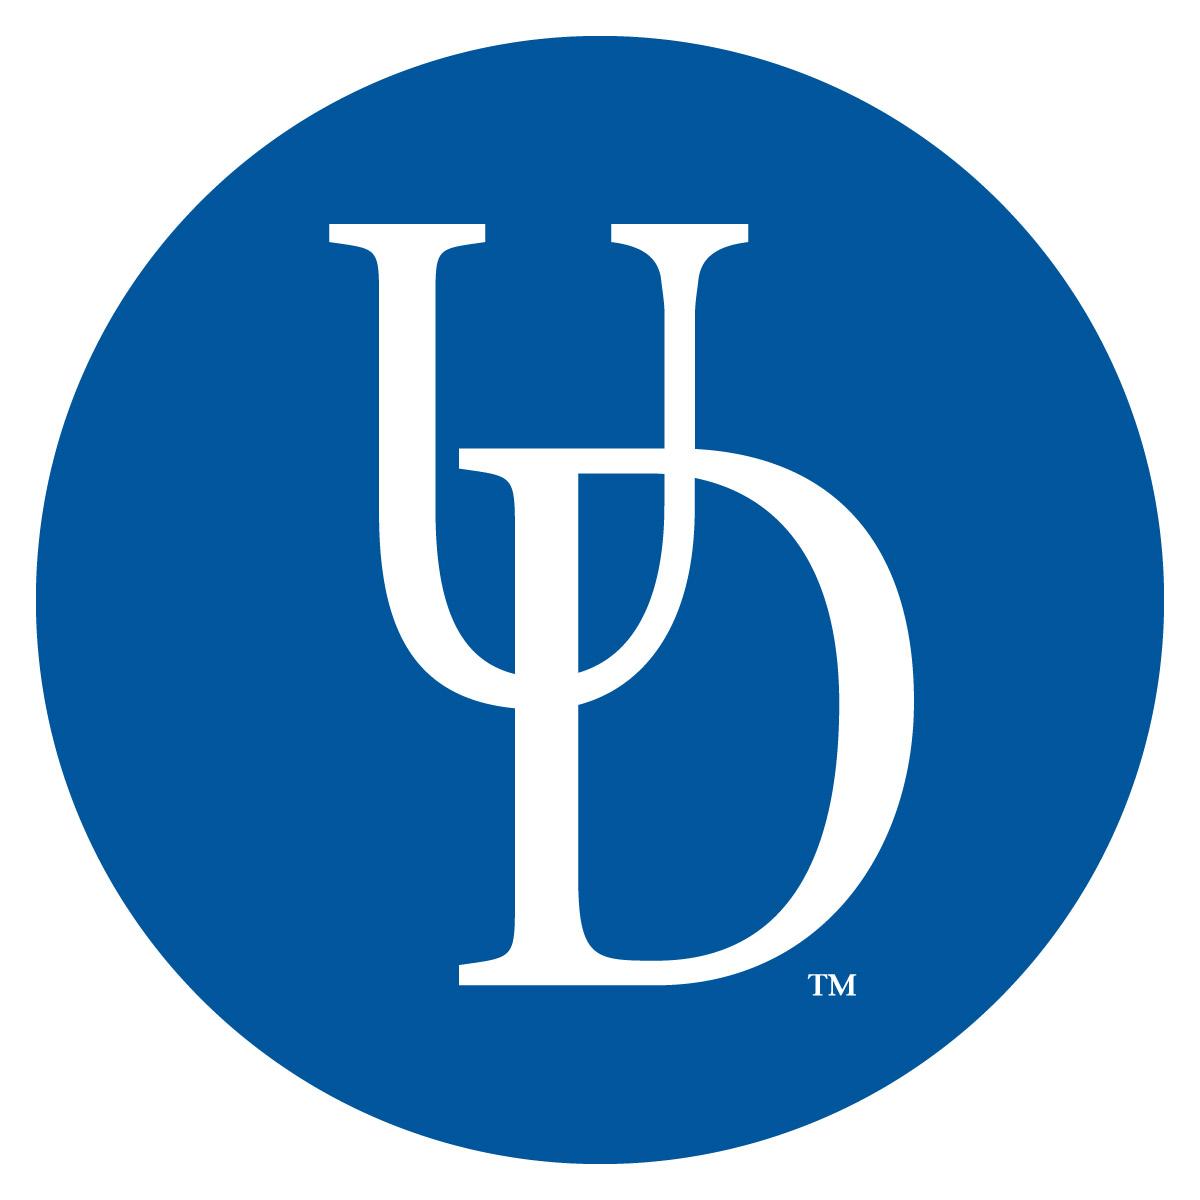 University of Delaware monogram logo